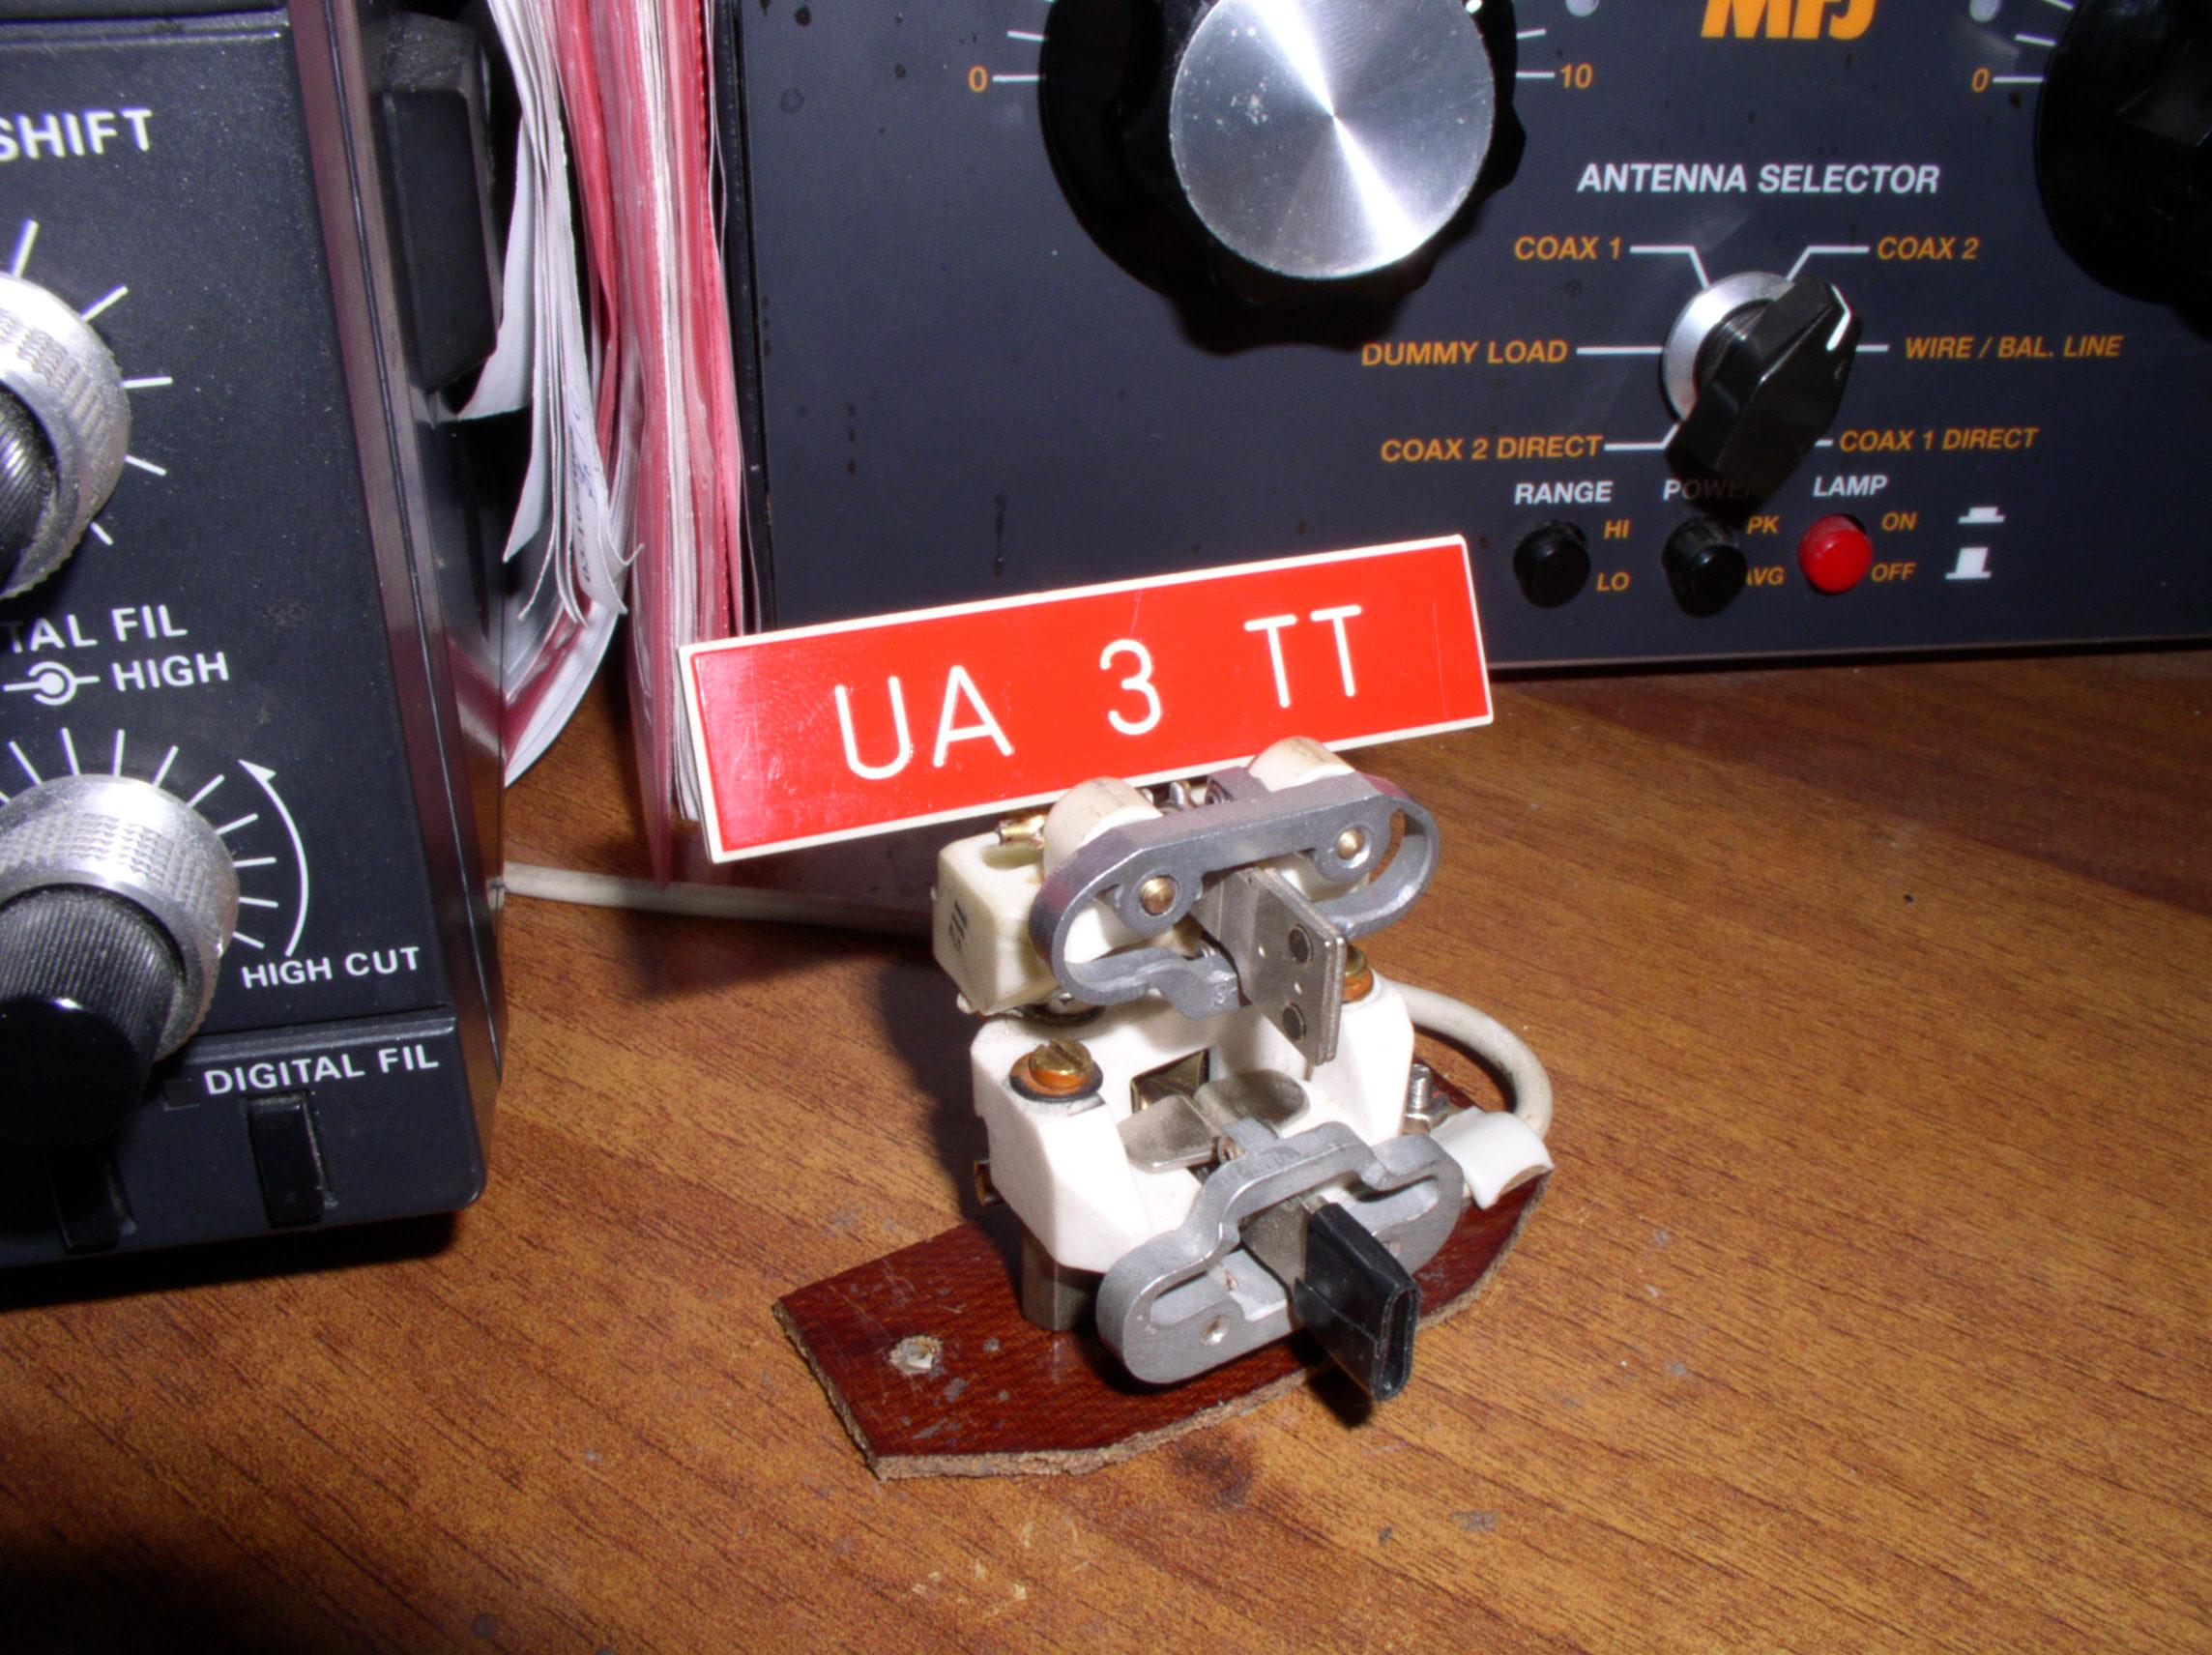 UA3TT Super SO2R Funny